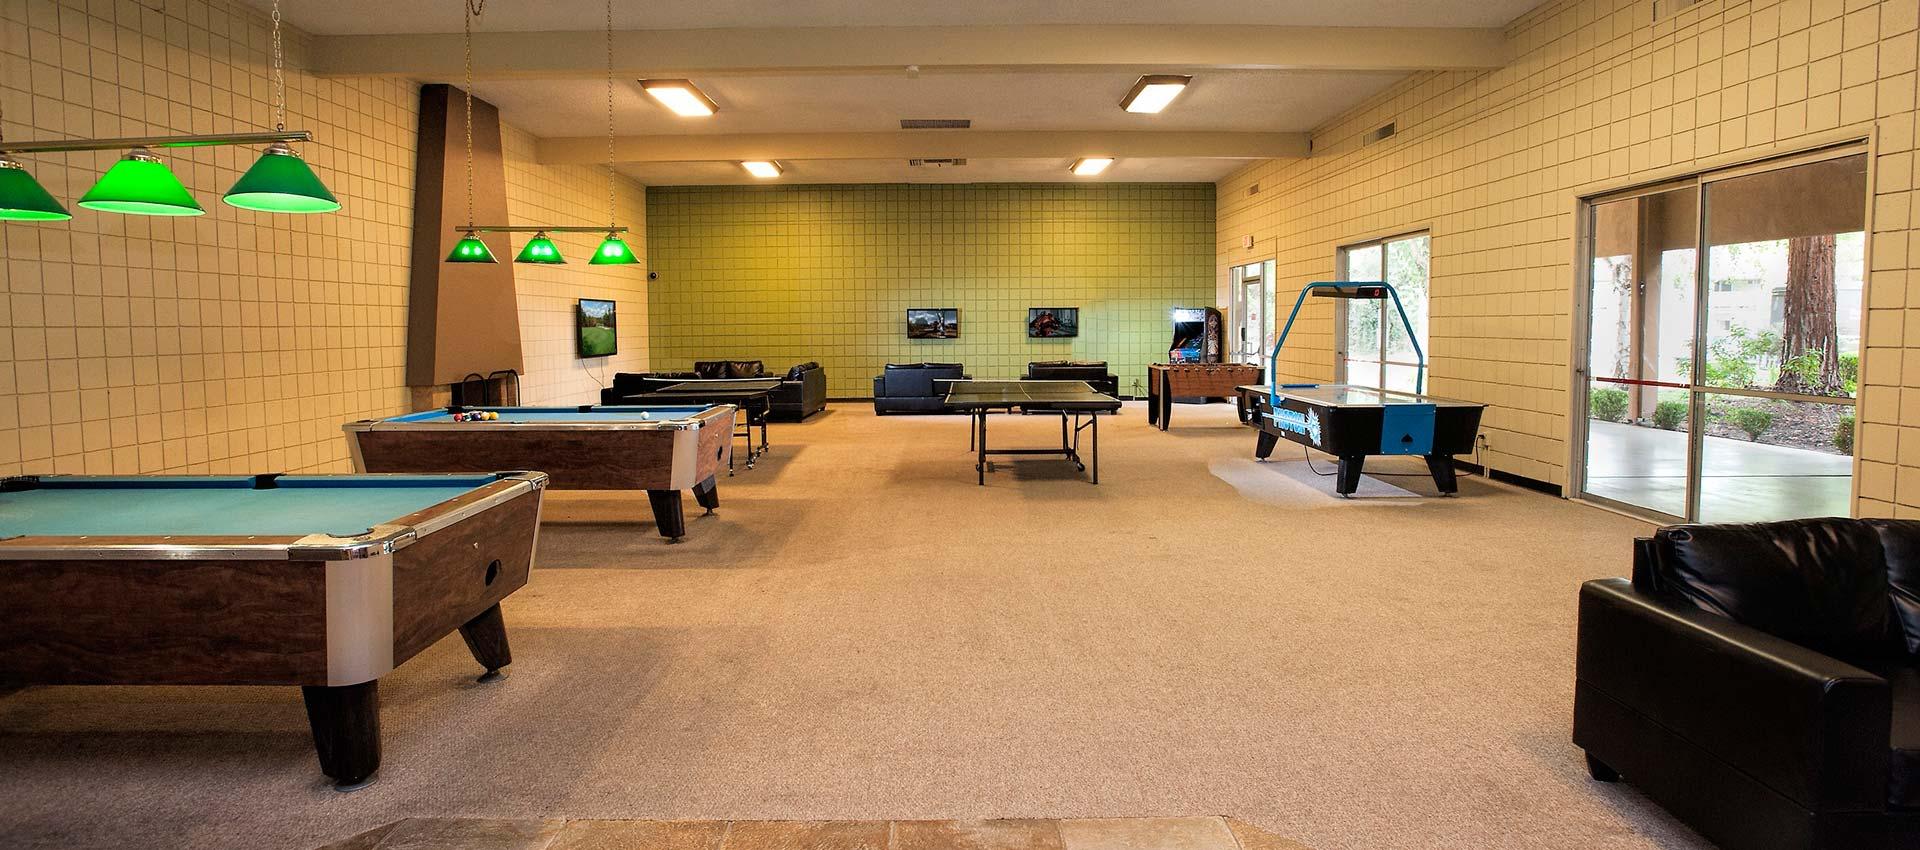 Gaming Room at Craig Student Living